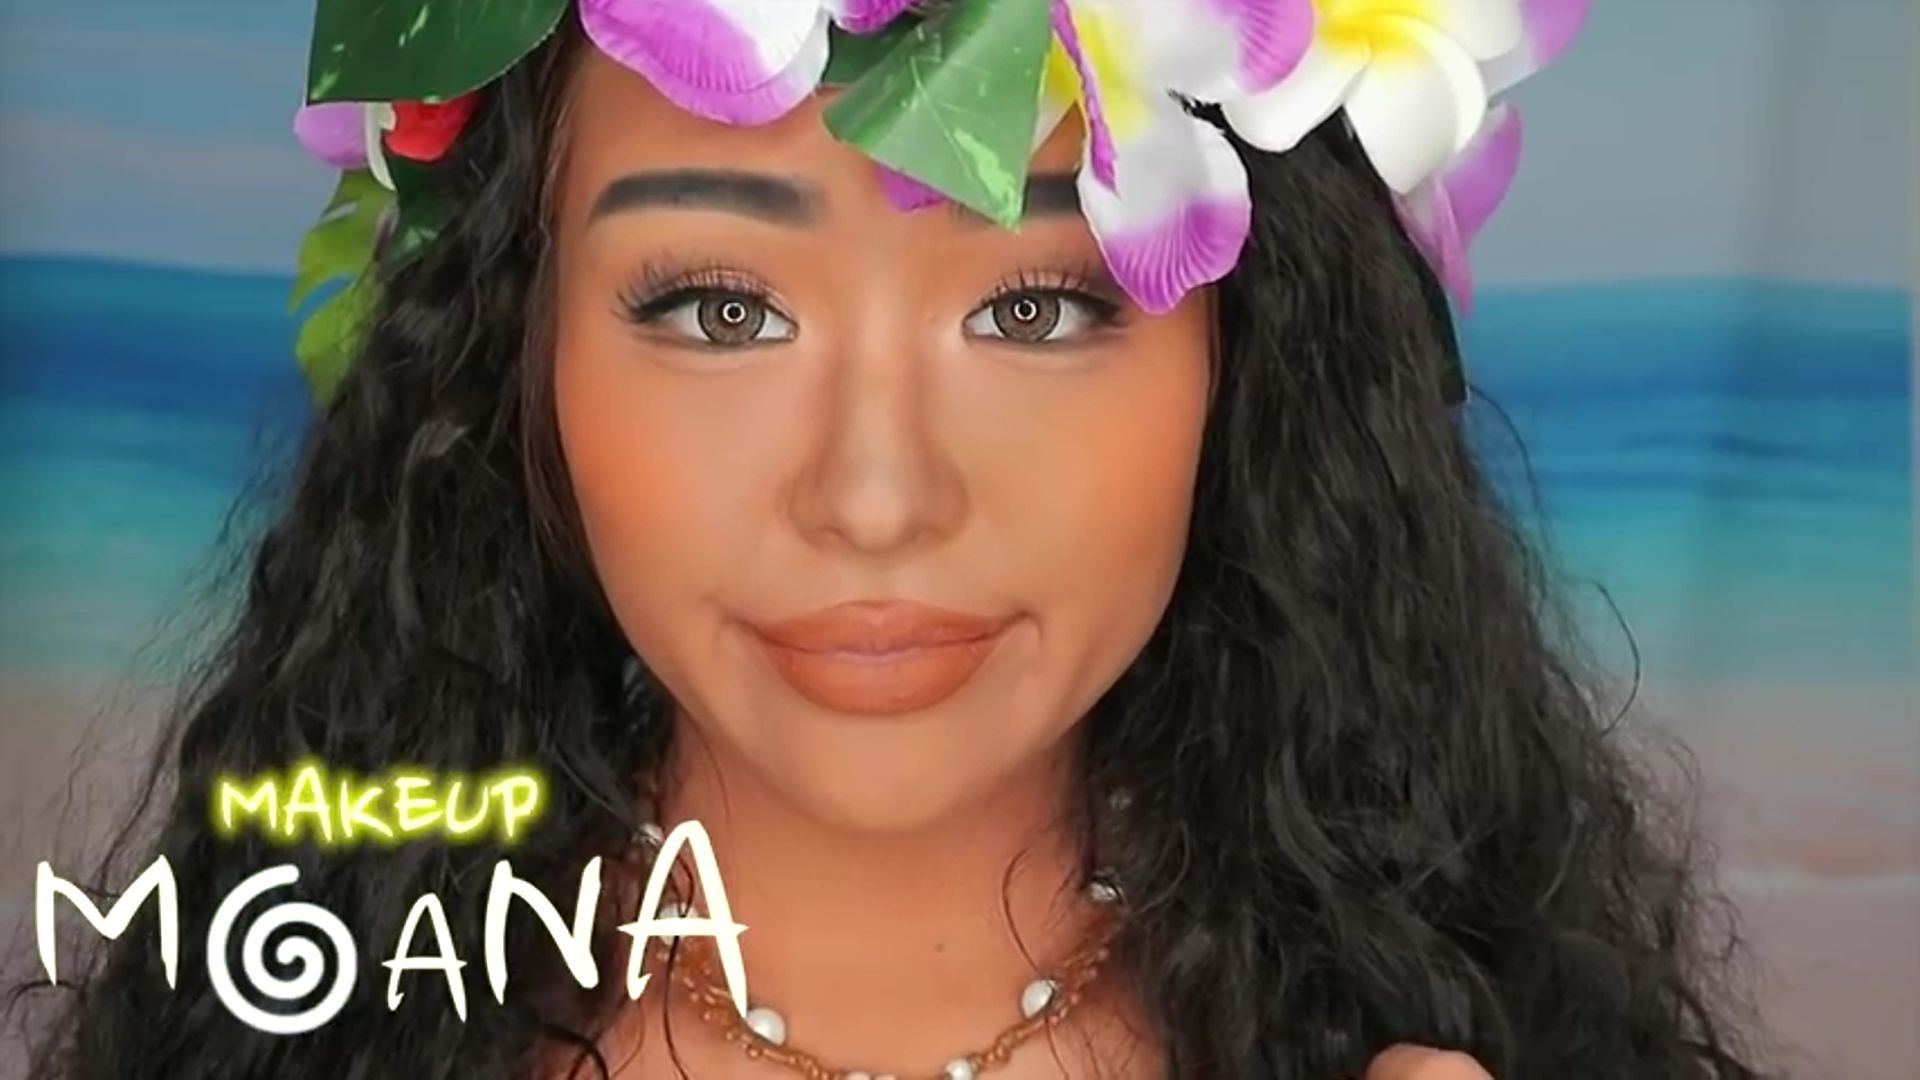 Maquíllate como Moana fukuse yuuriマリリン 2020. resultado fina del maquillaje de moana